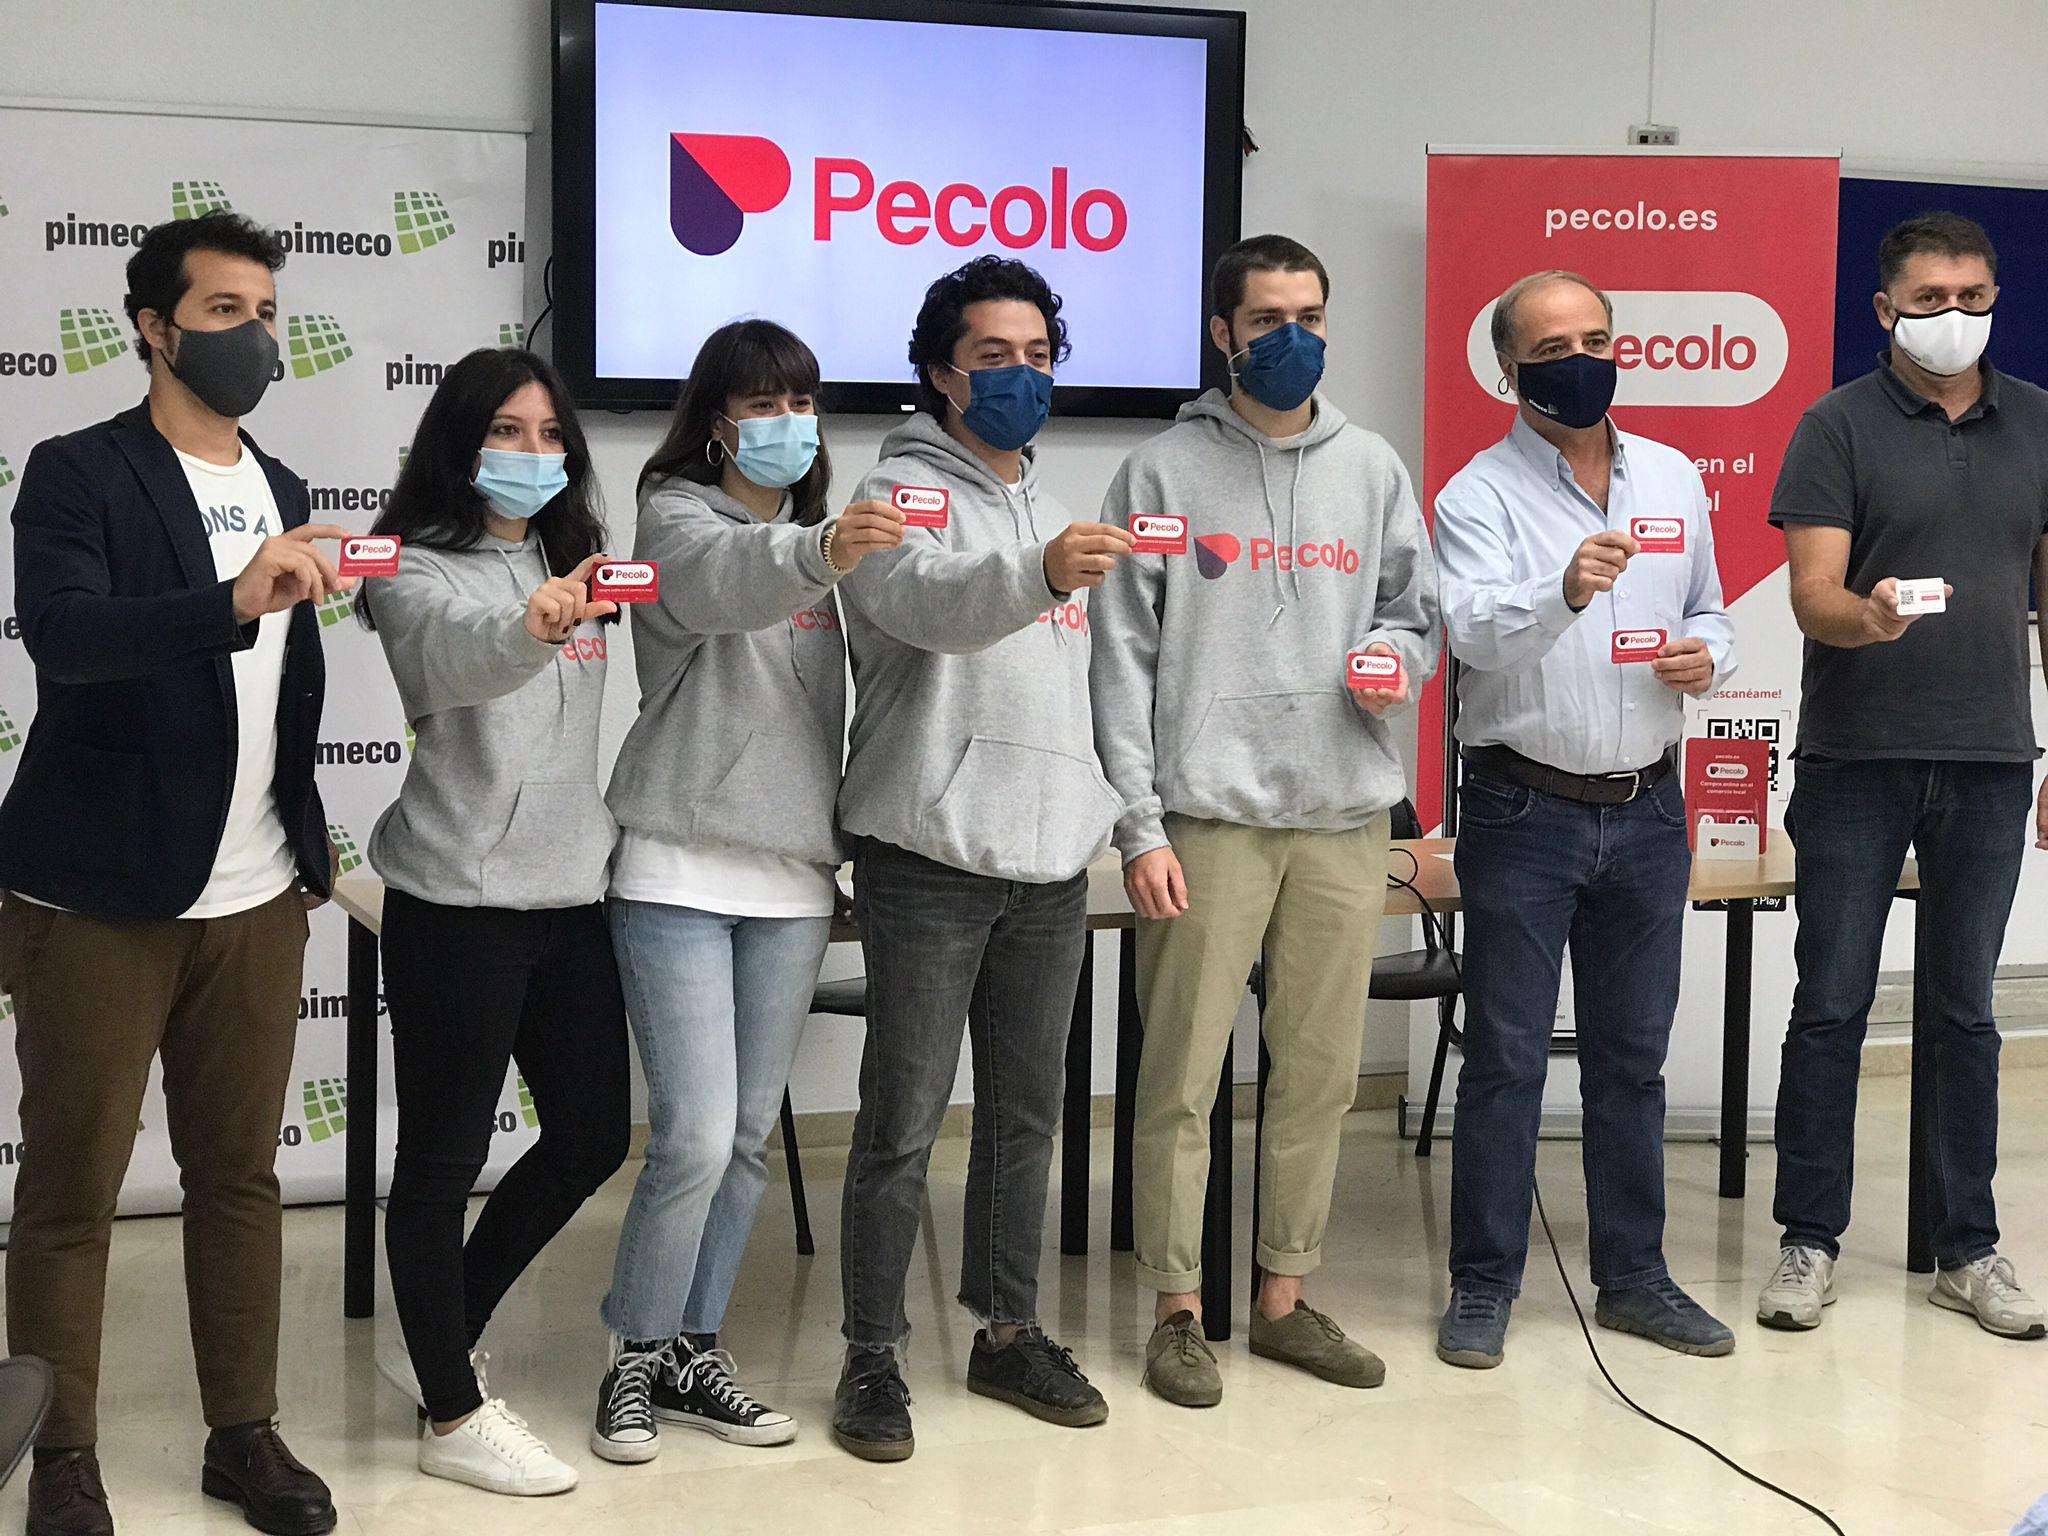 La app PECOLO és una iniciativa d'emprenedors mallorquins i ja està disponible